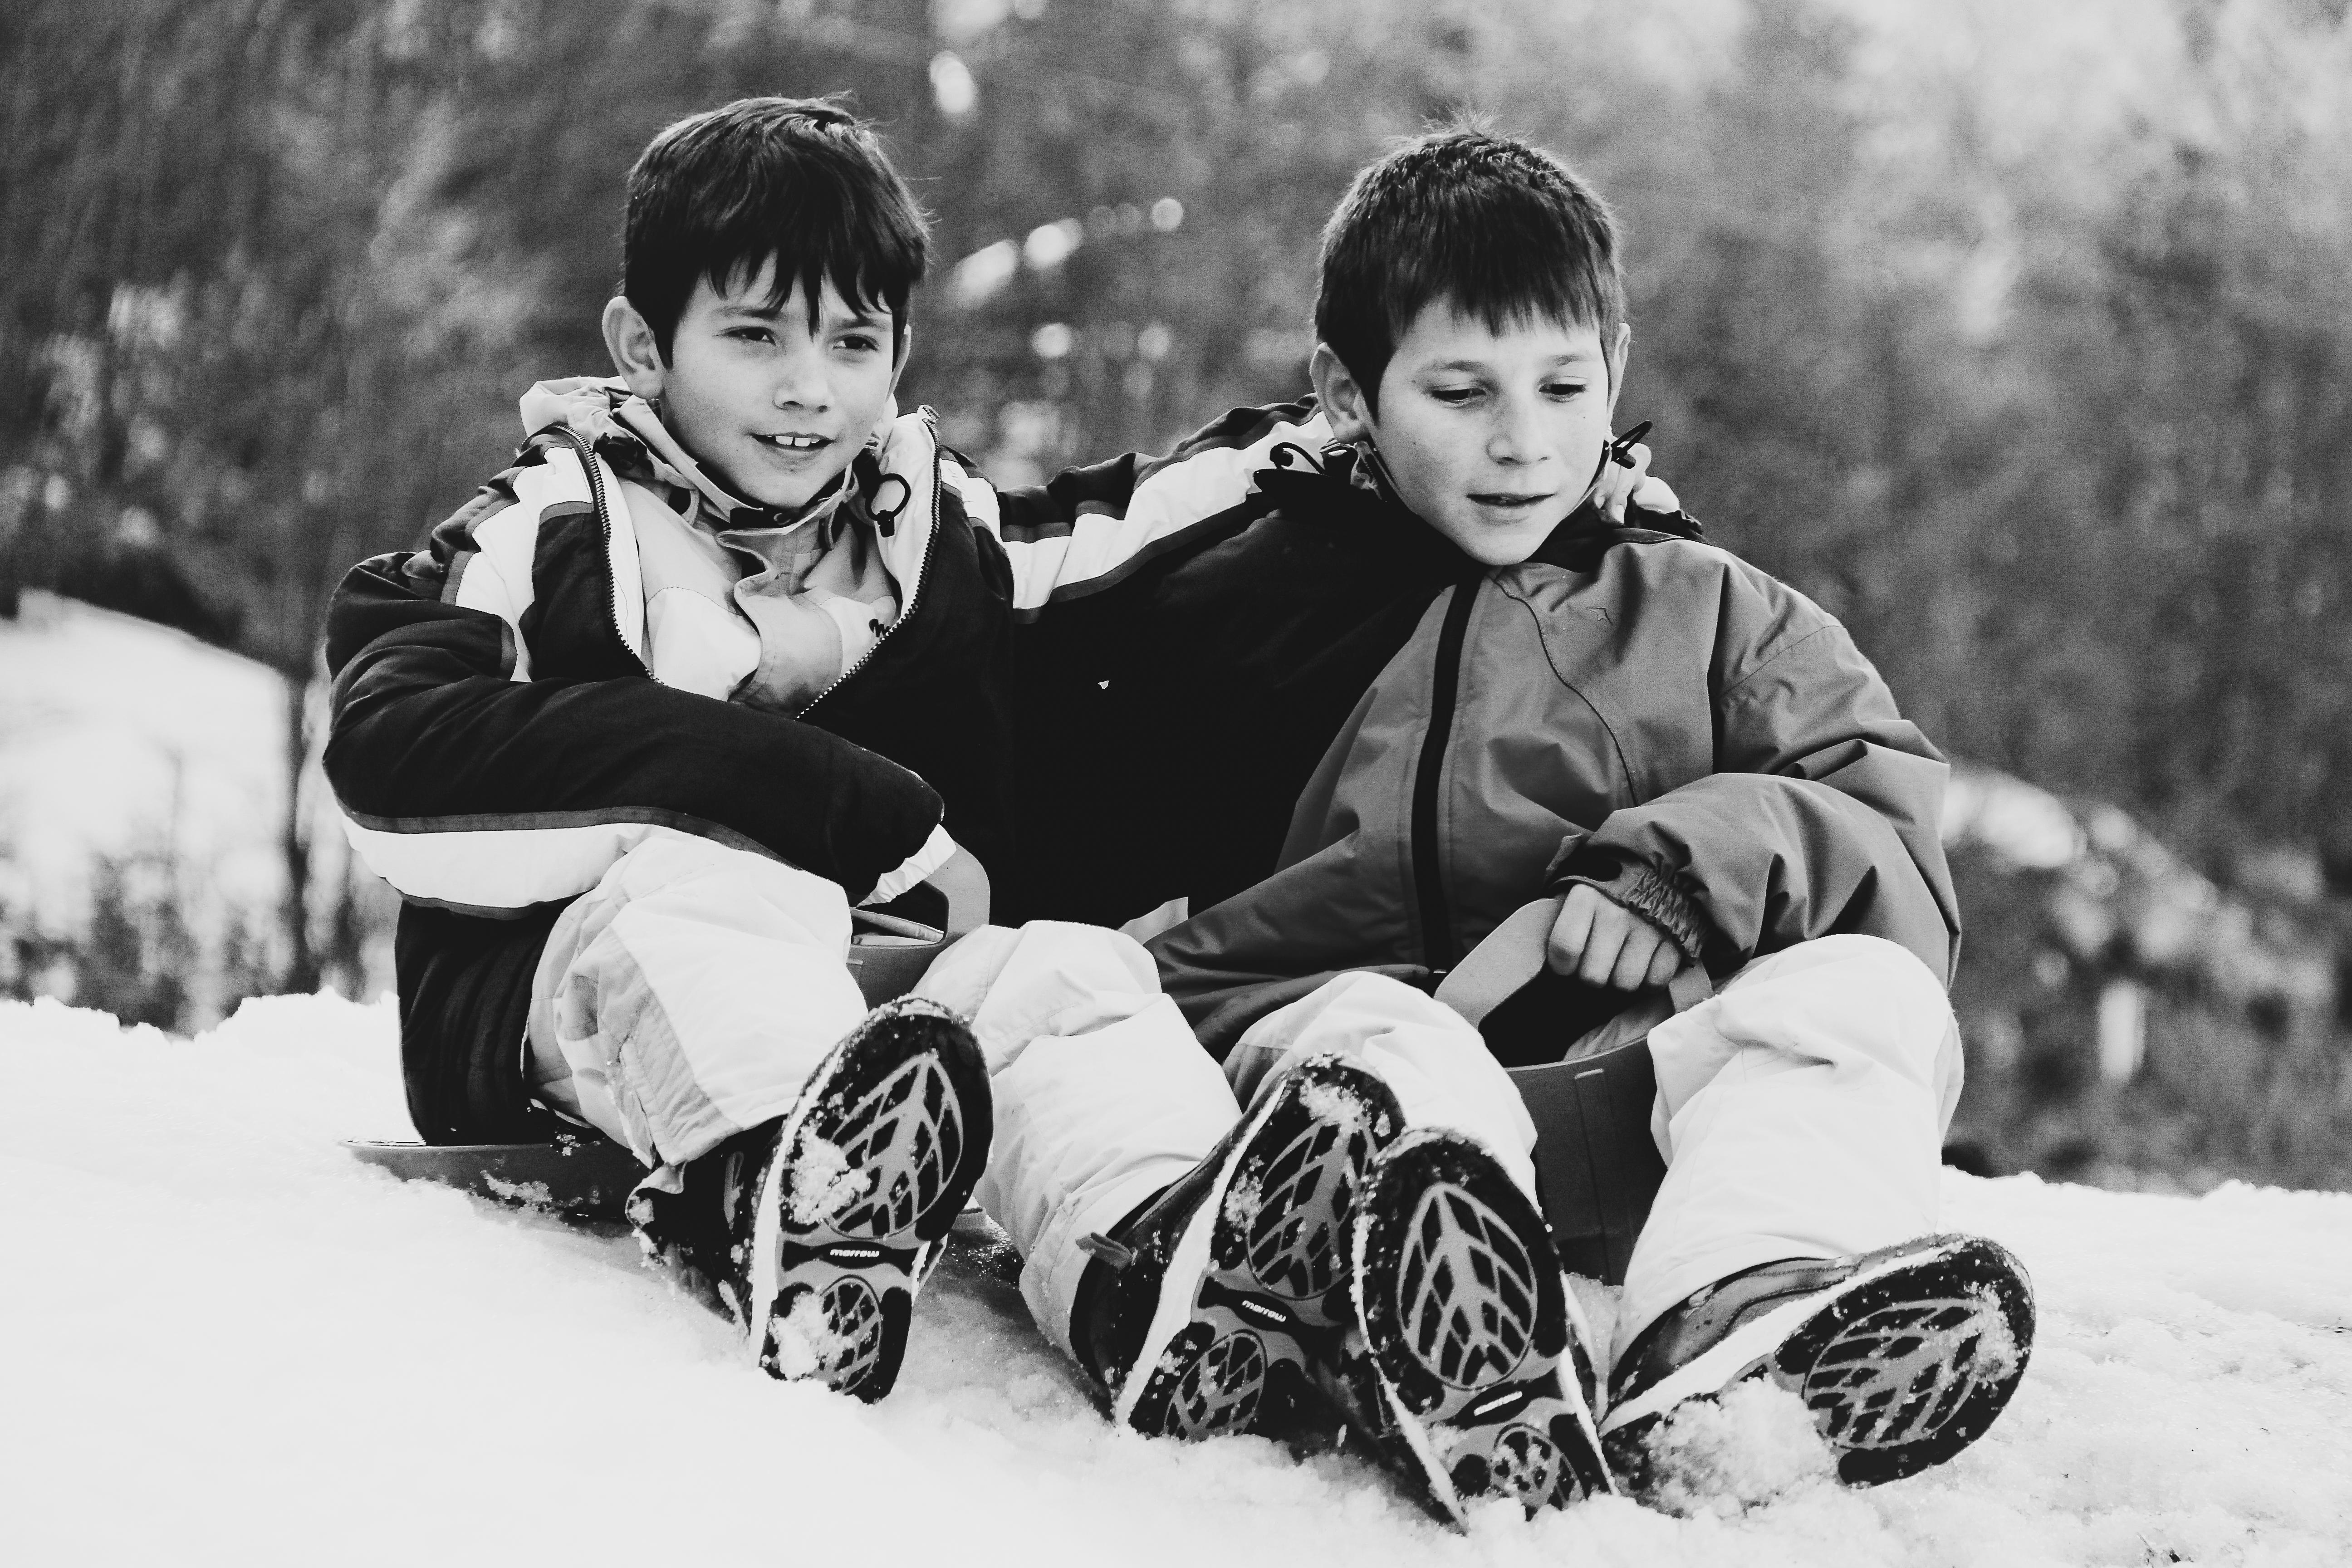 David y Batista en la nieve, por primera vez, en 2013 (Foto: Mónica Echevarría)